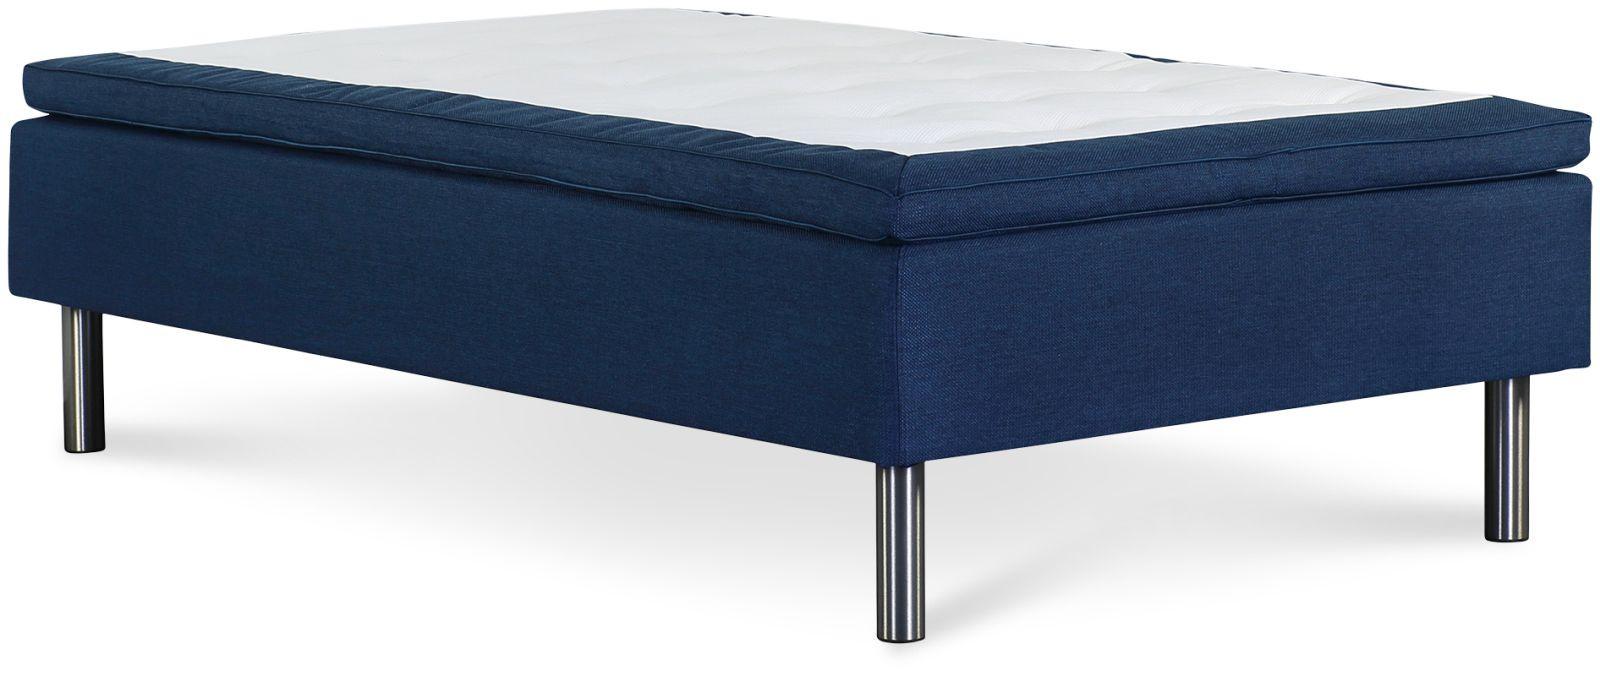 Łóżko Iceland 120x200